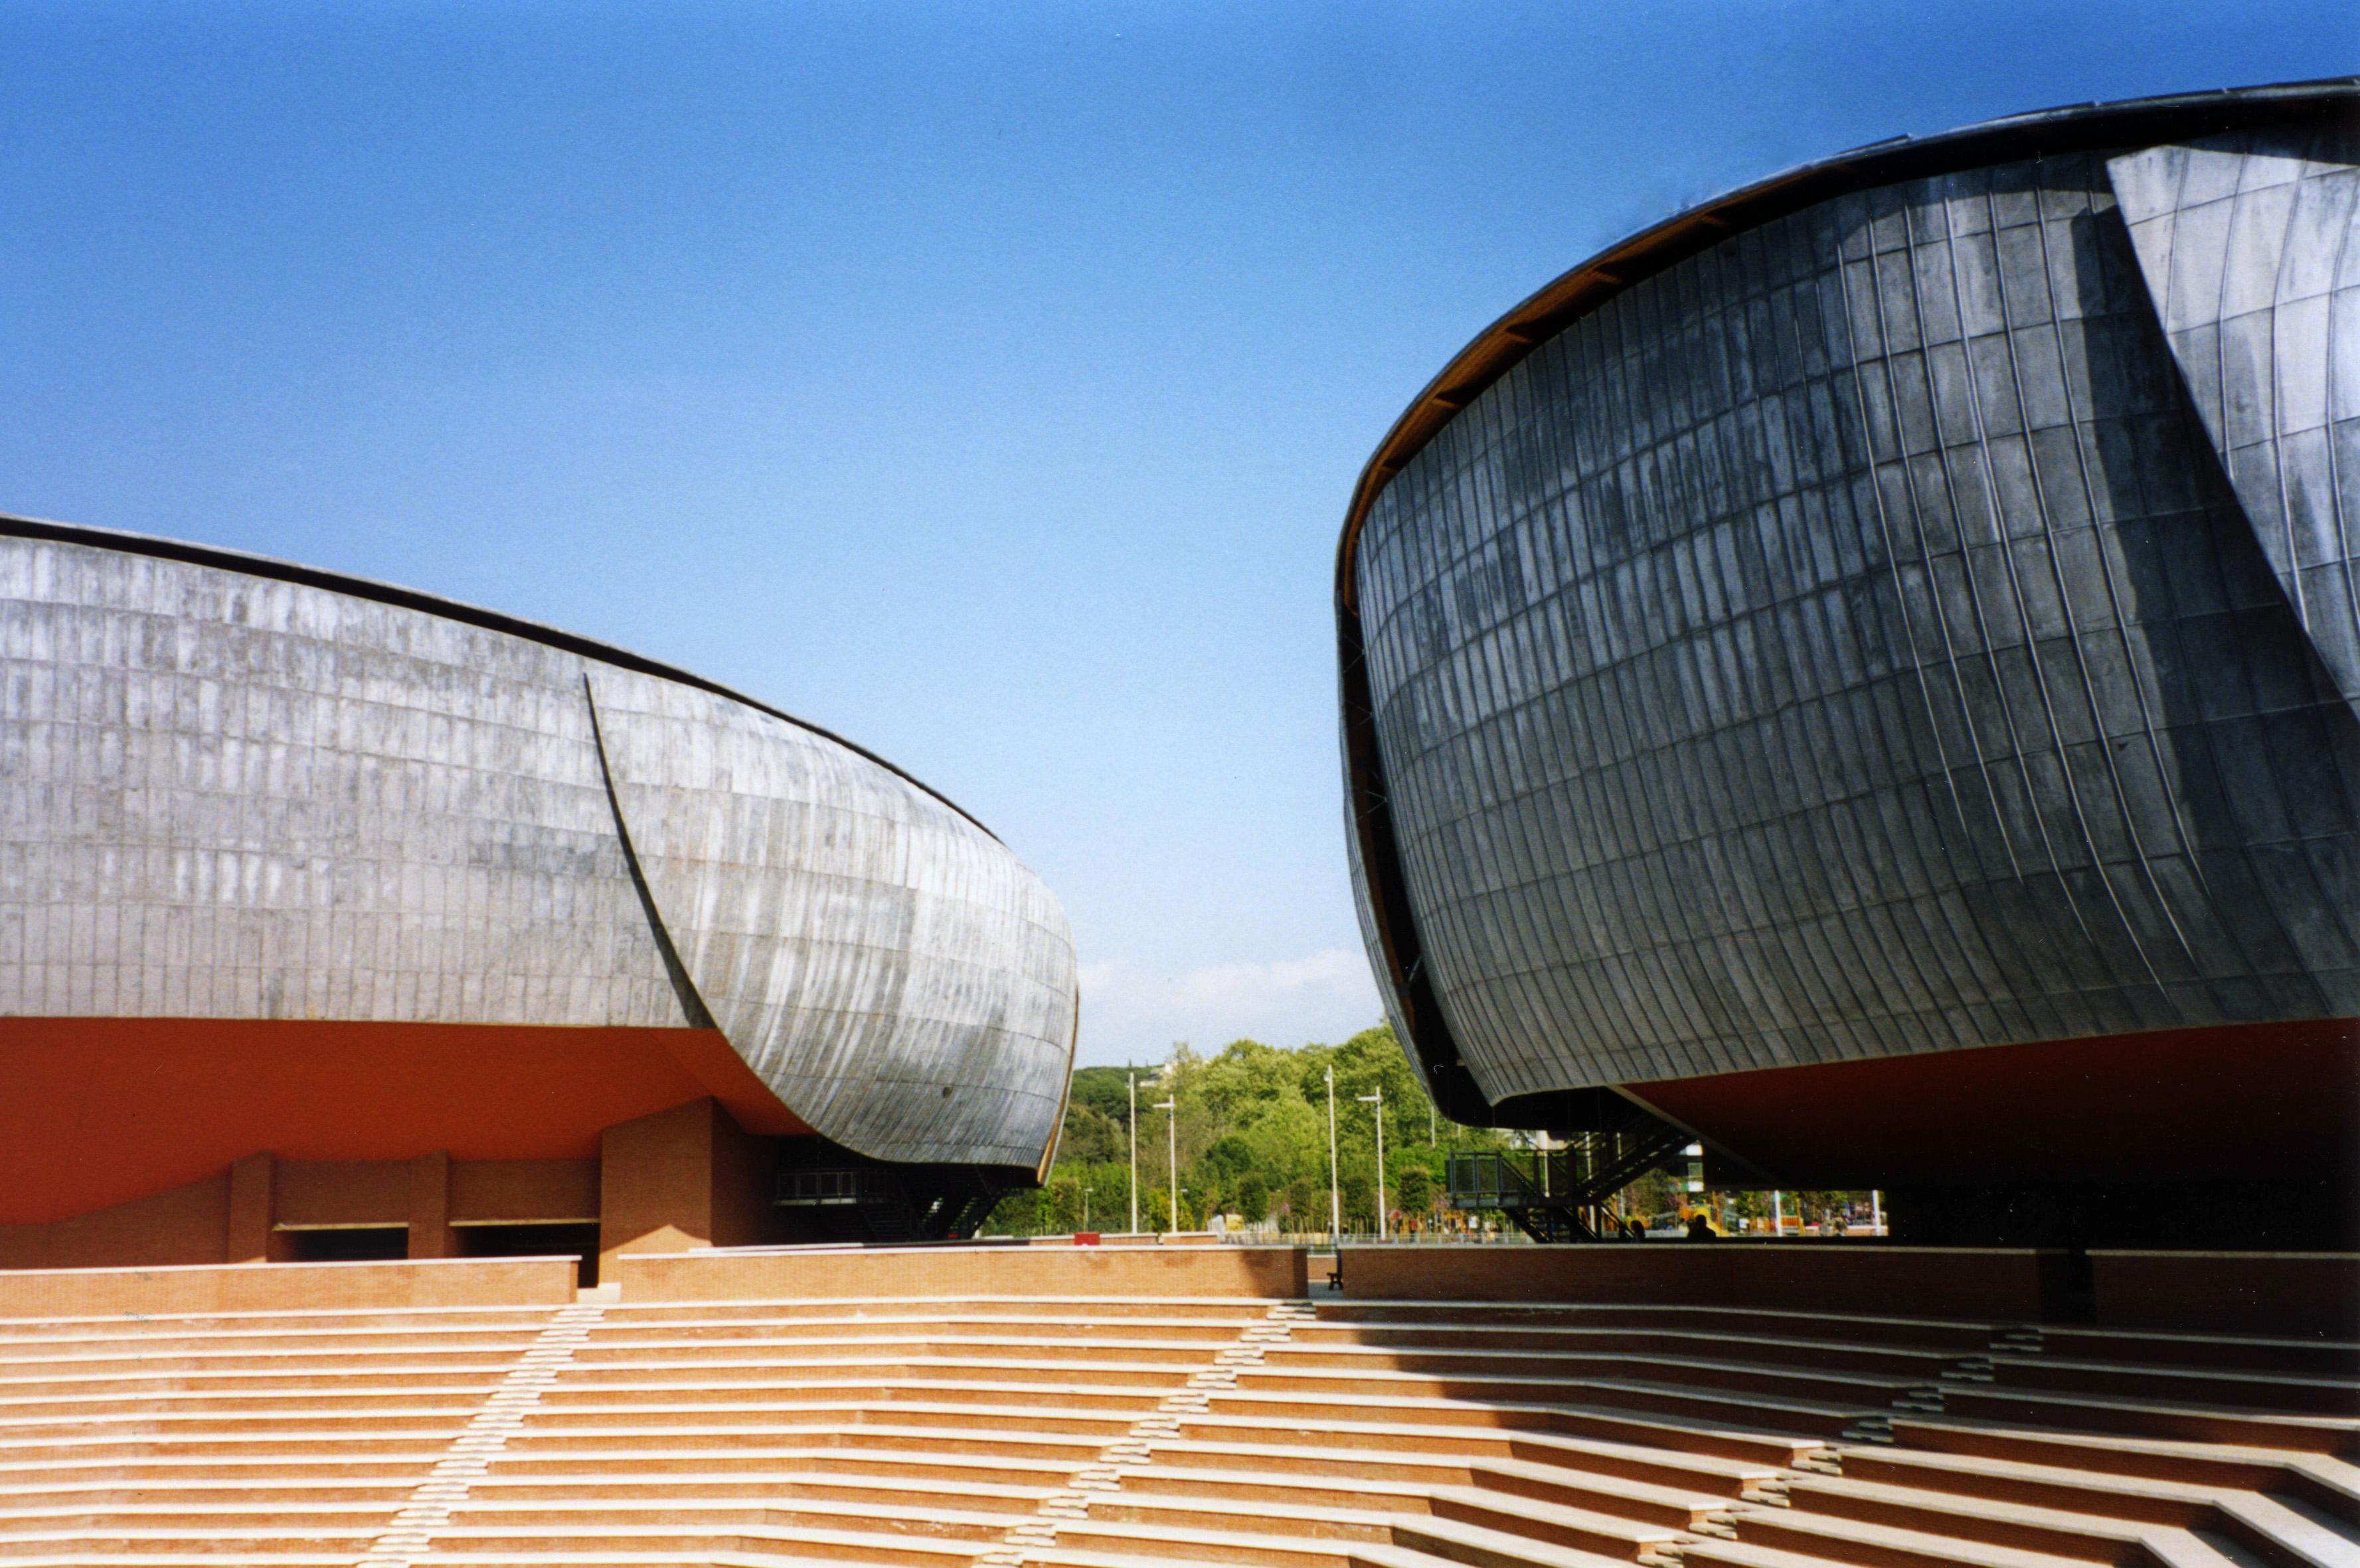 Kiến trúc là một trong những công việc sáng tạo có mức lương vô cùng hấp dẫn